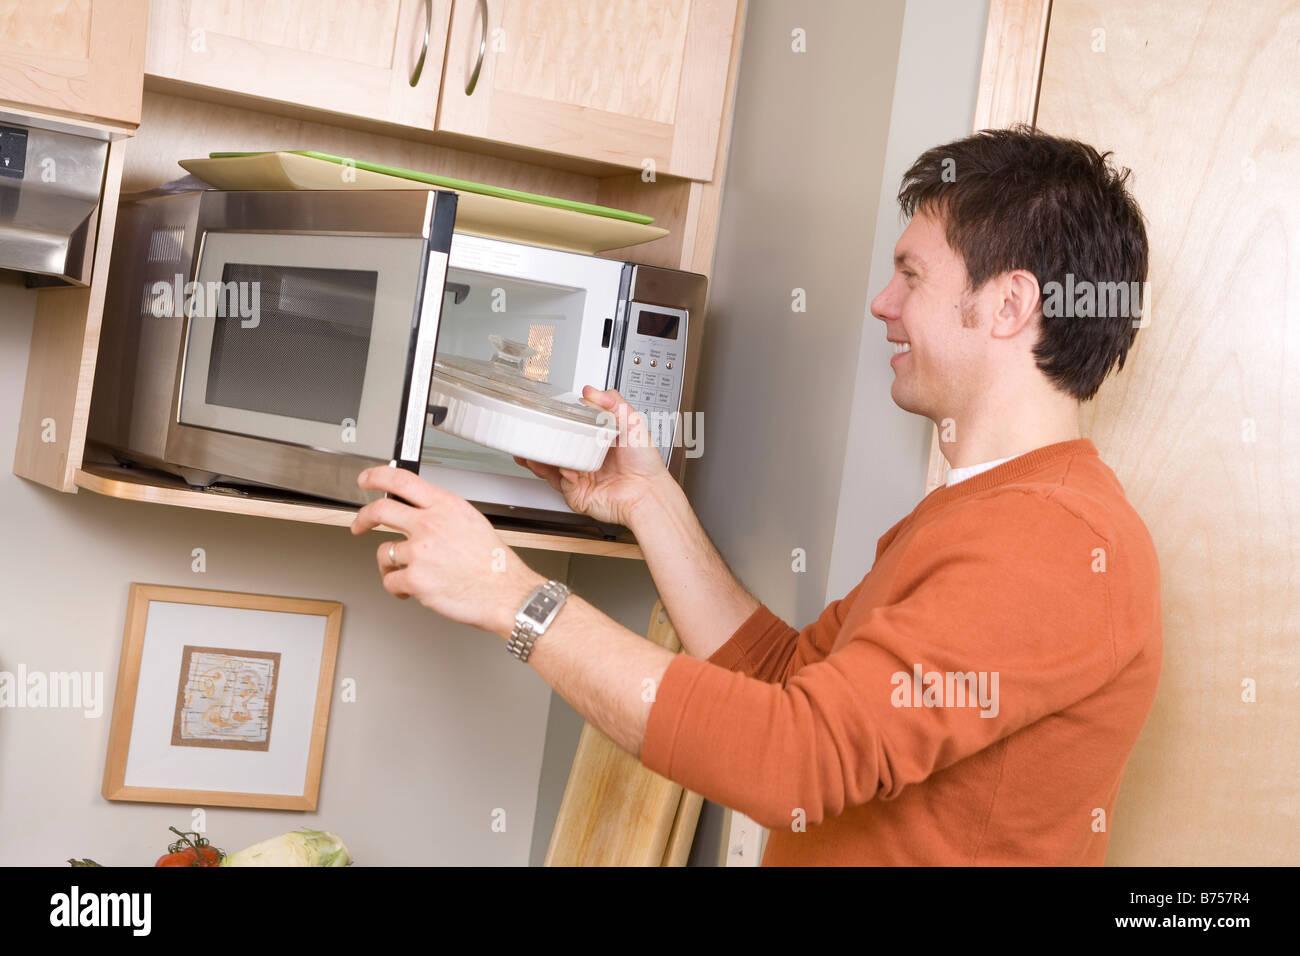 L'uomo pone il piatto di vetro in efficienza energetica del forno a microonde, Winnipeg, Canada Immagini Stock